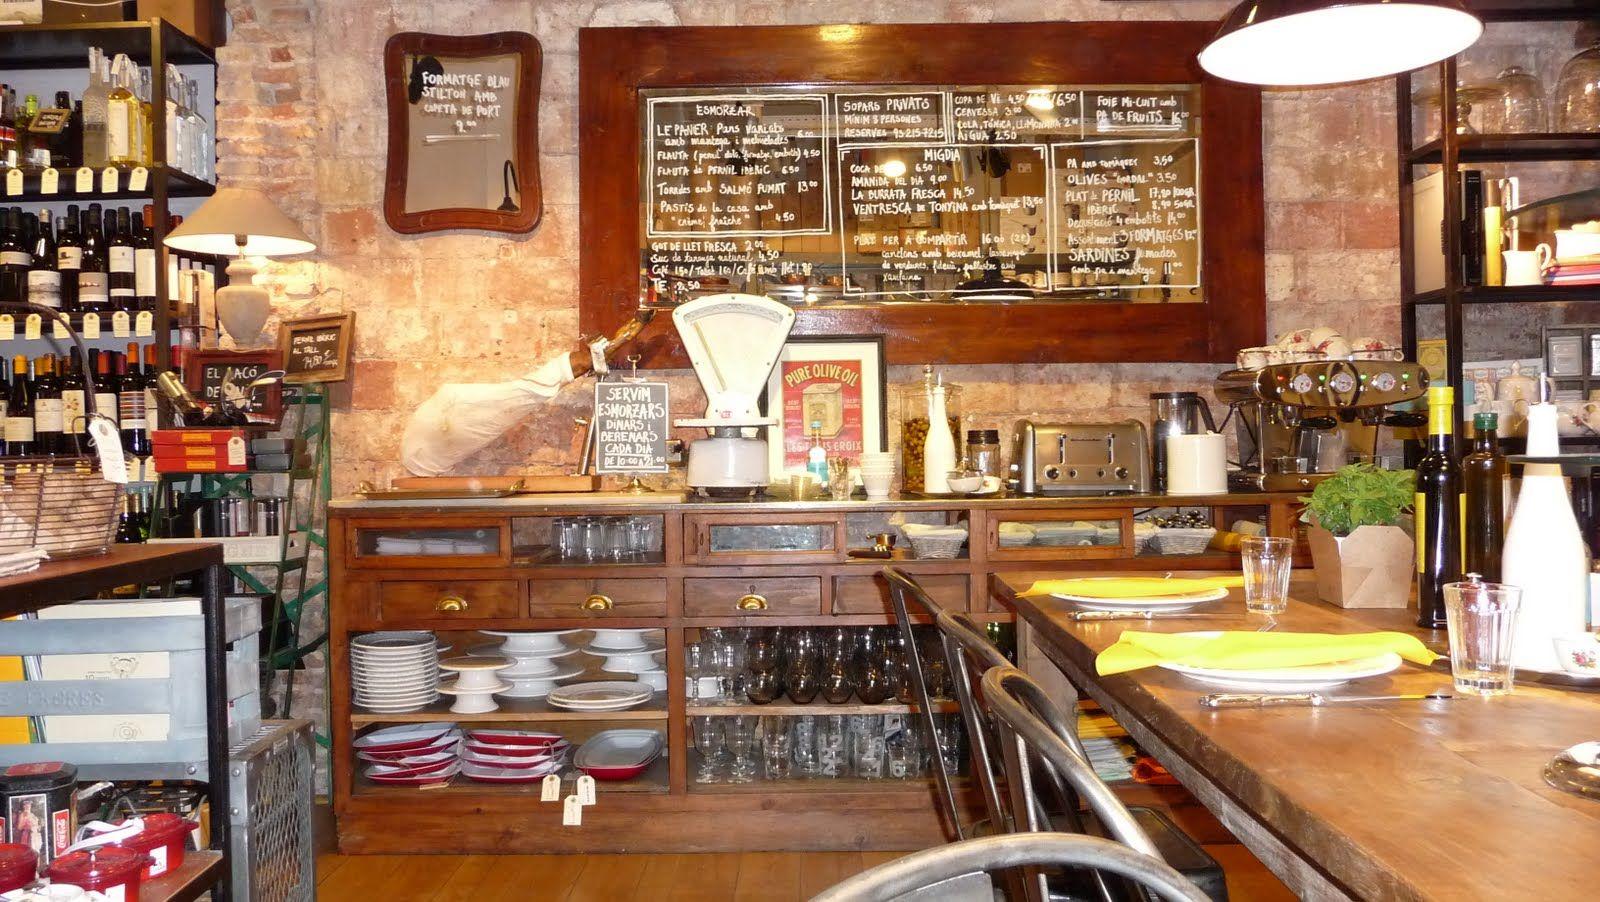 Imagenes Tiendas Gourmet Buscar Con Google Proyecto Tienda  # Muebles Para Tienda Gourmet